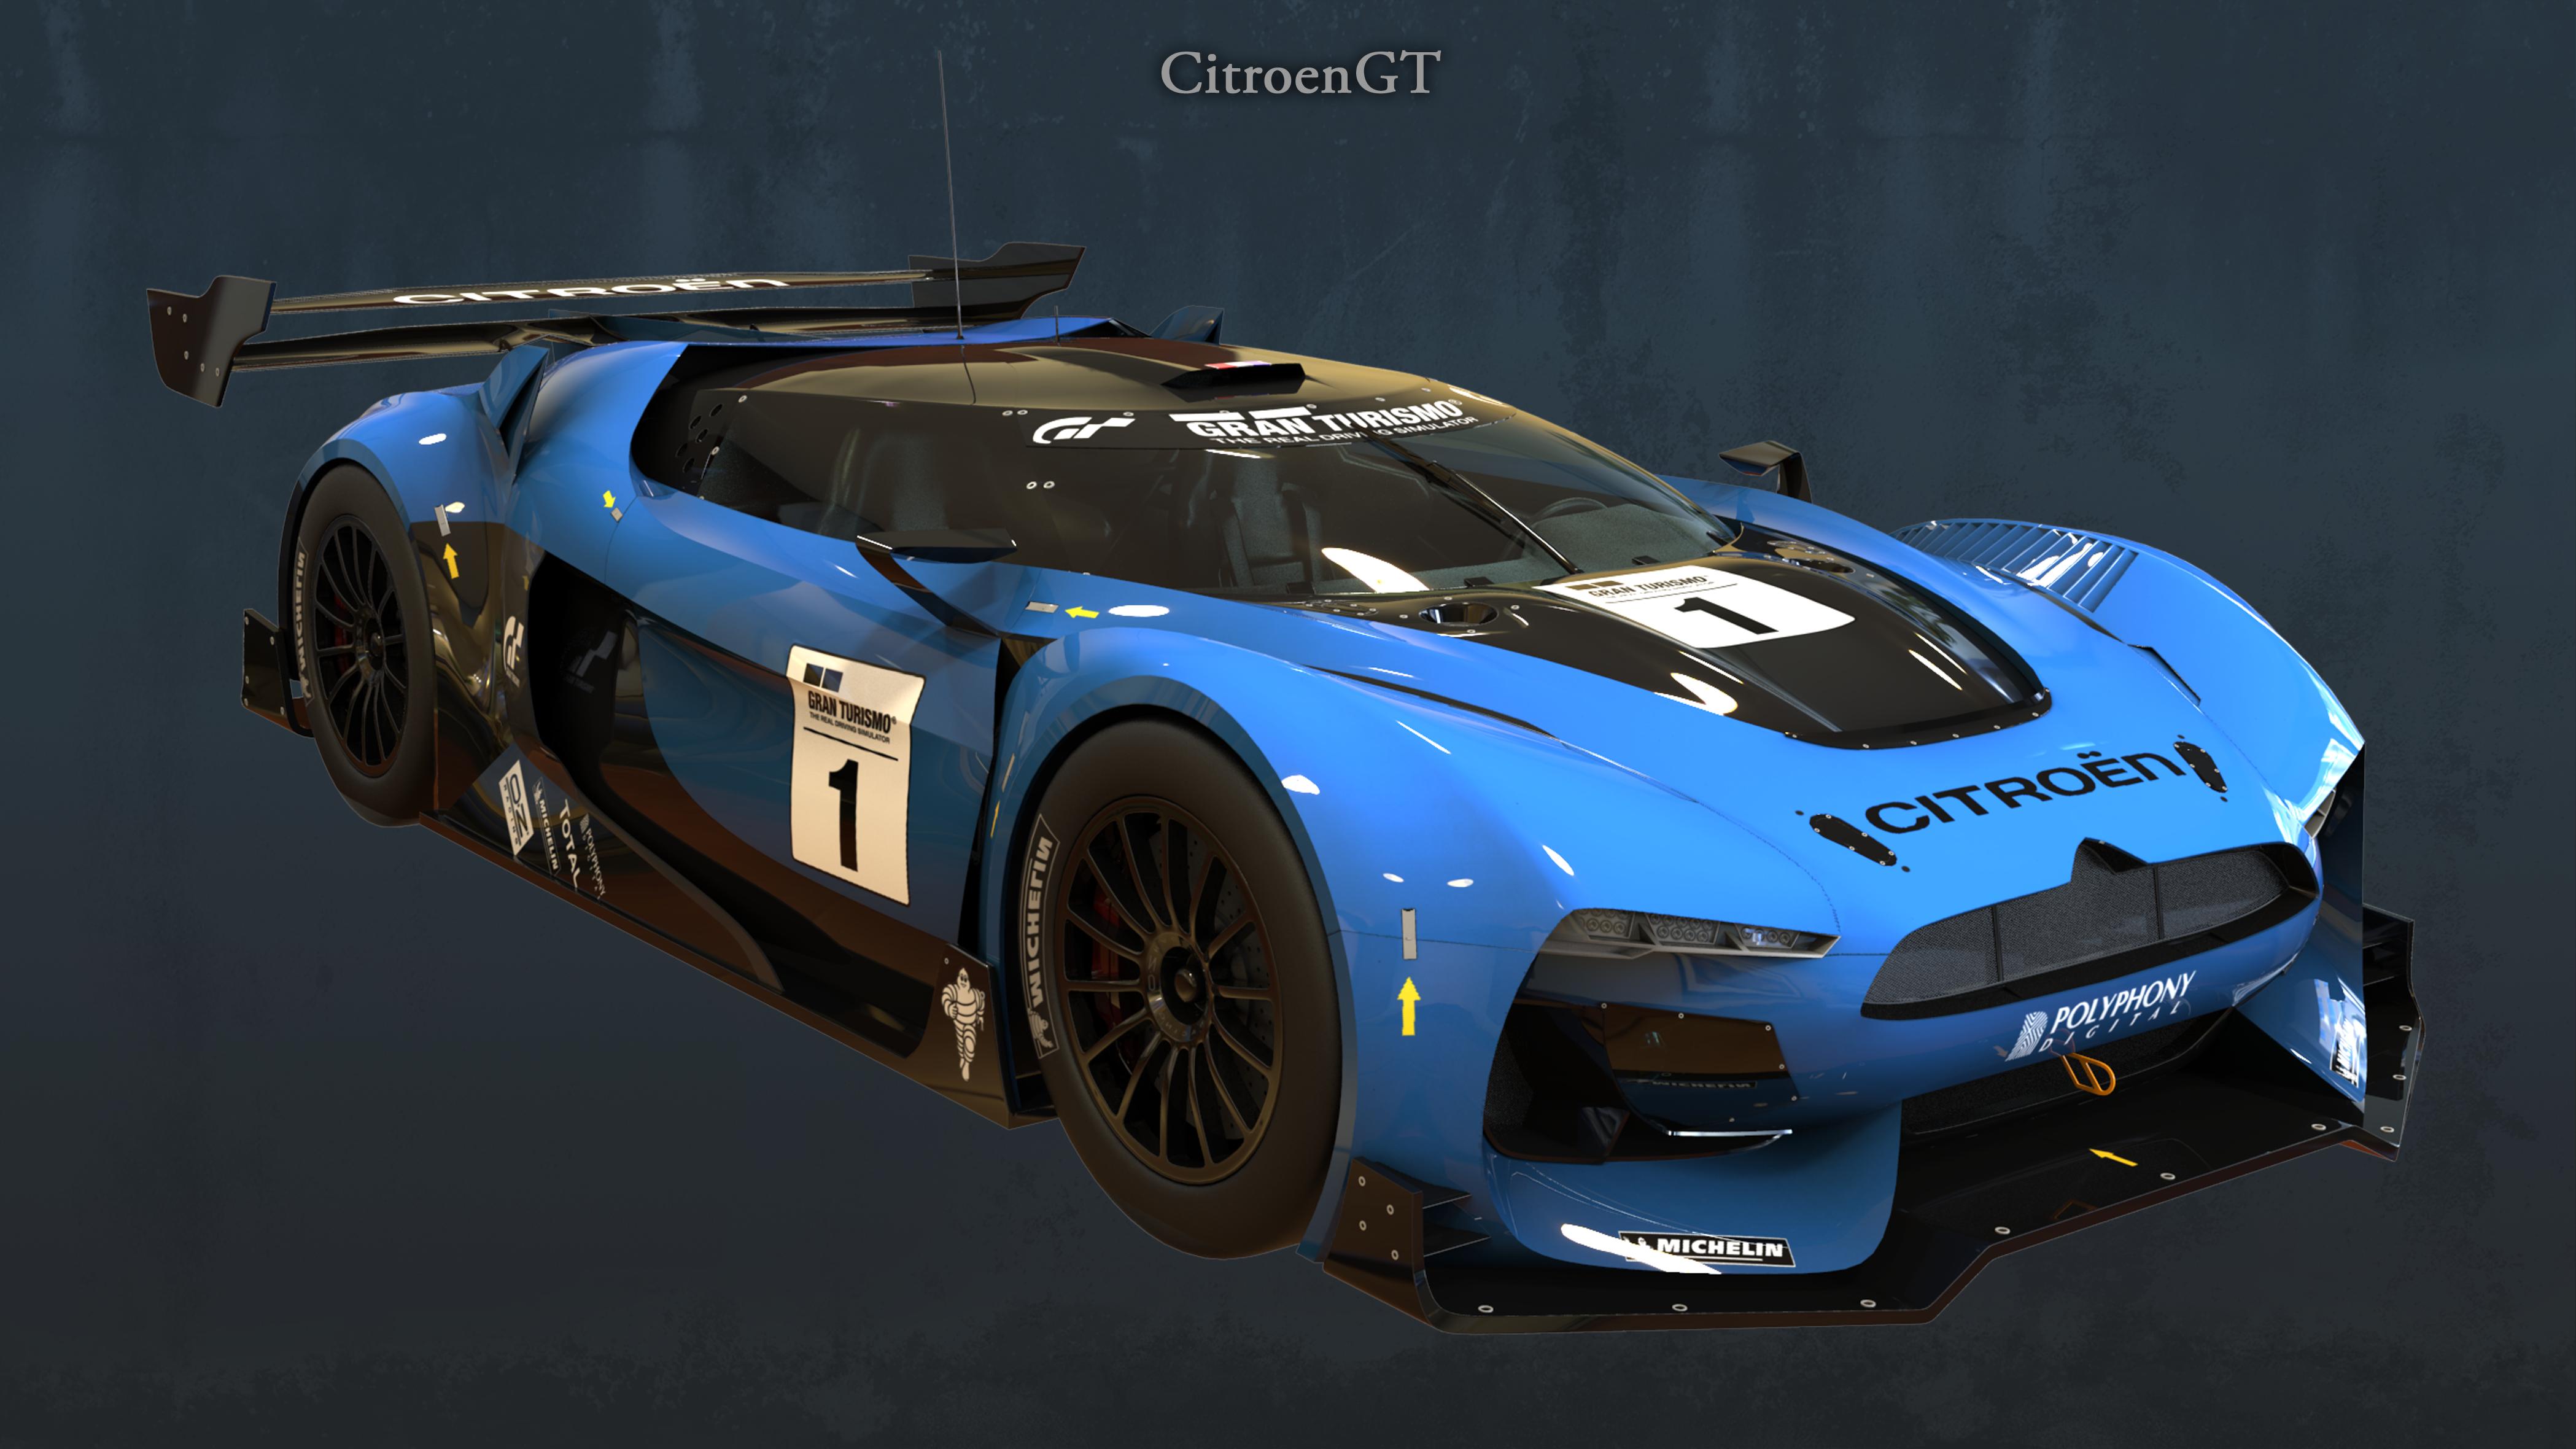 CitroenGT_1